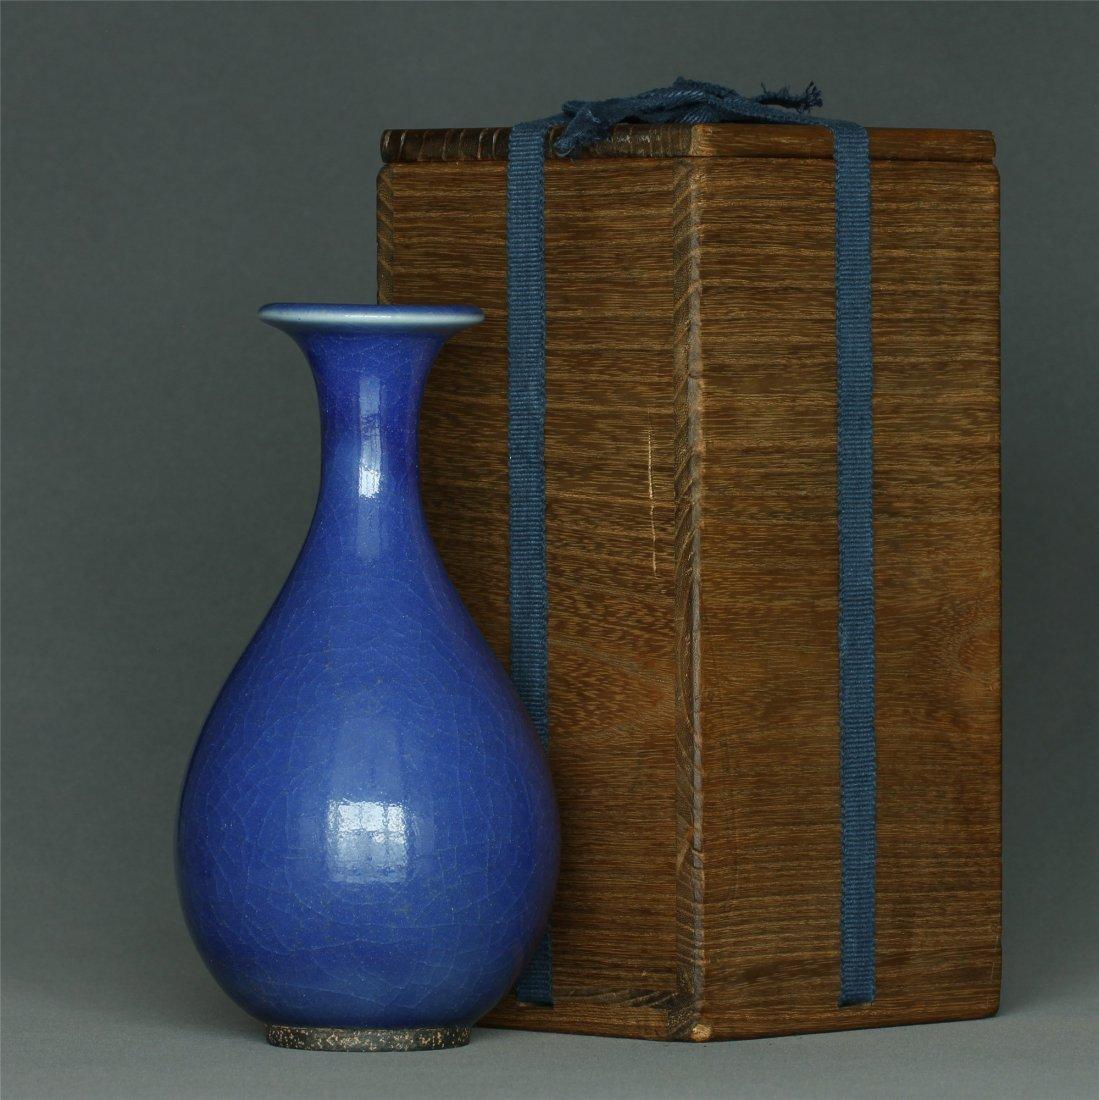 Blue glaze porcelain vase.